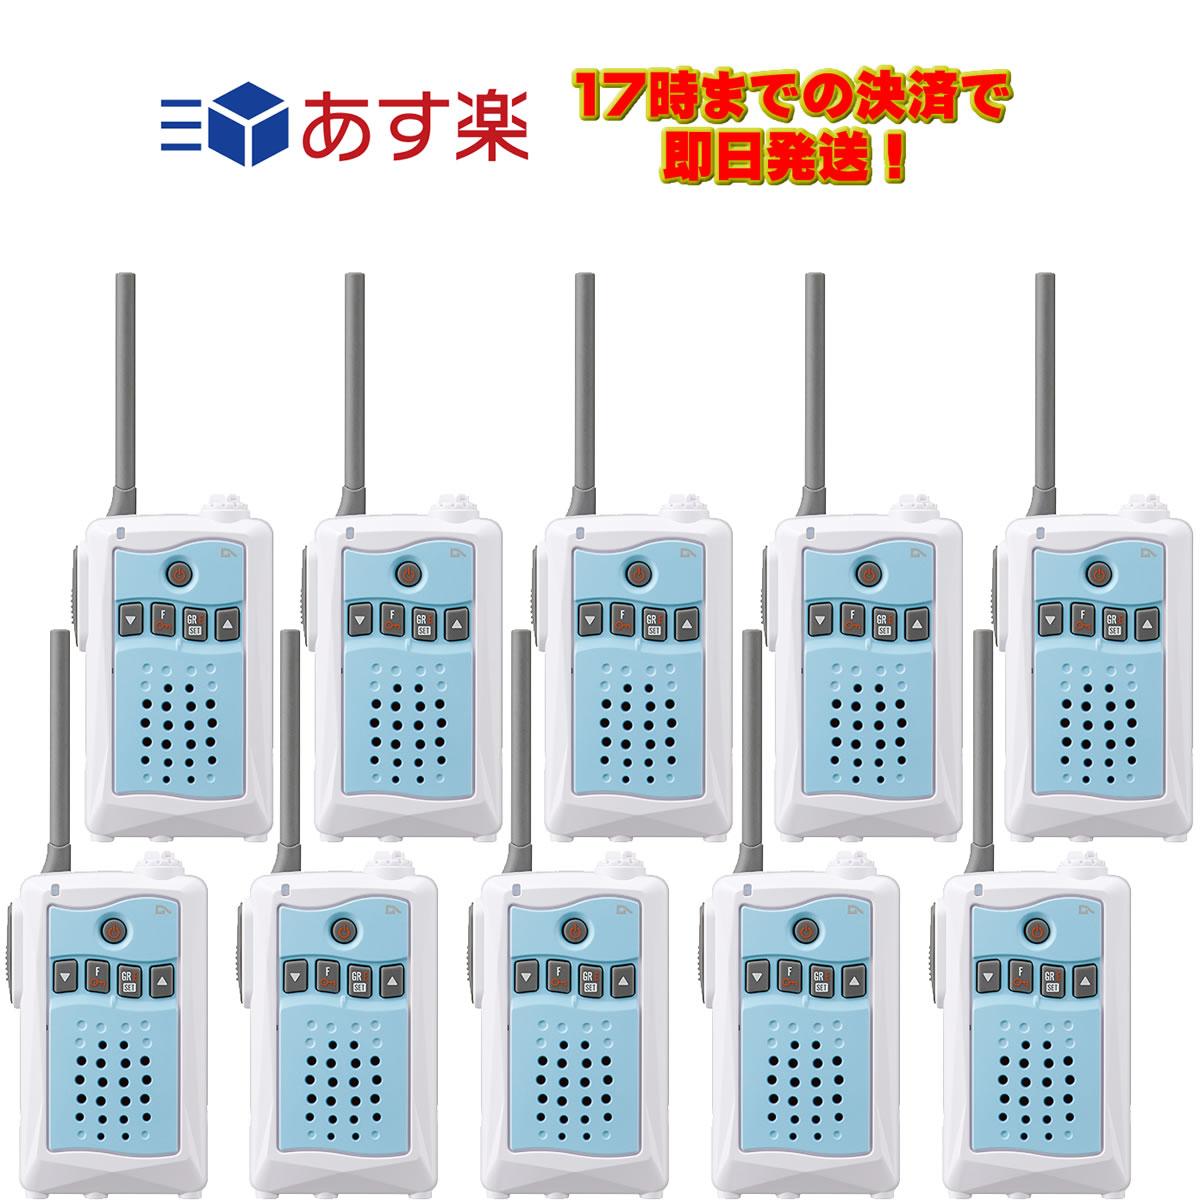 【ラッキーシール対応】 DJ-CH3A 10台セット アルインコ 特定小電力トランシーバー 交互・交互中継通話対応 アクアブルー